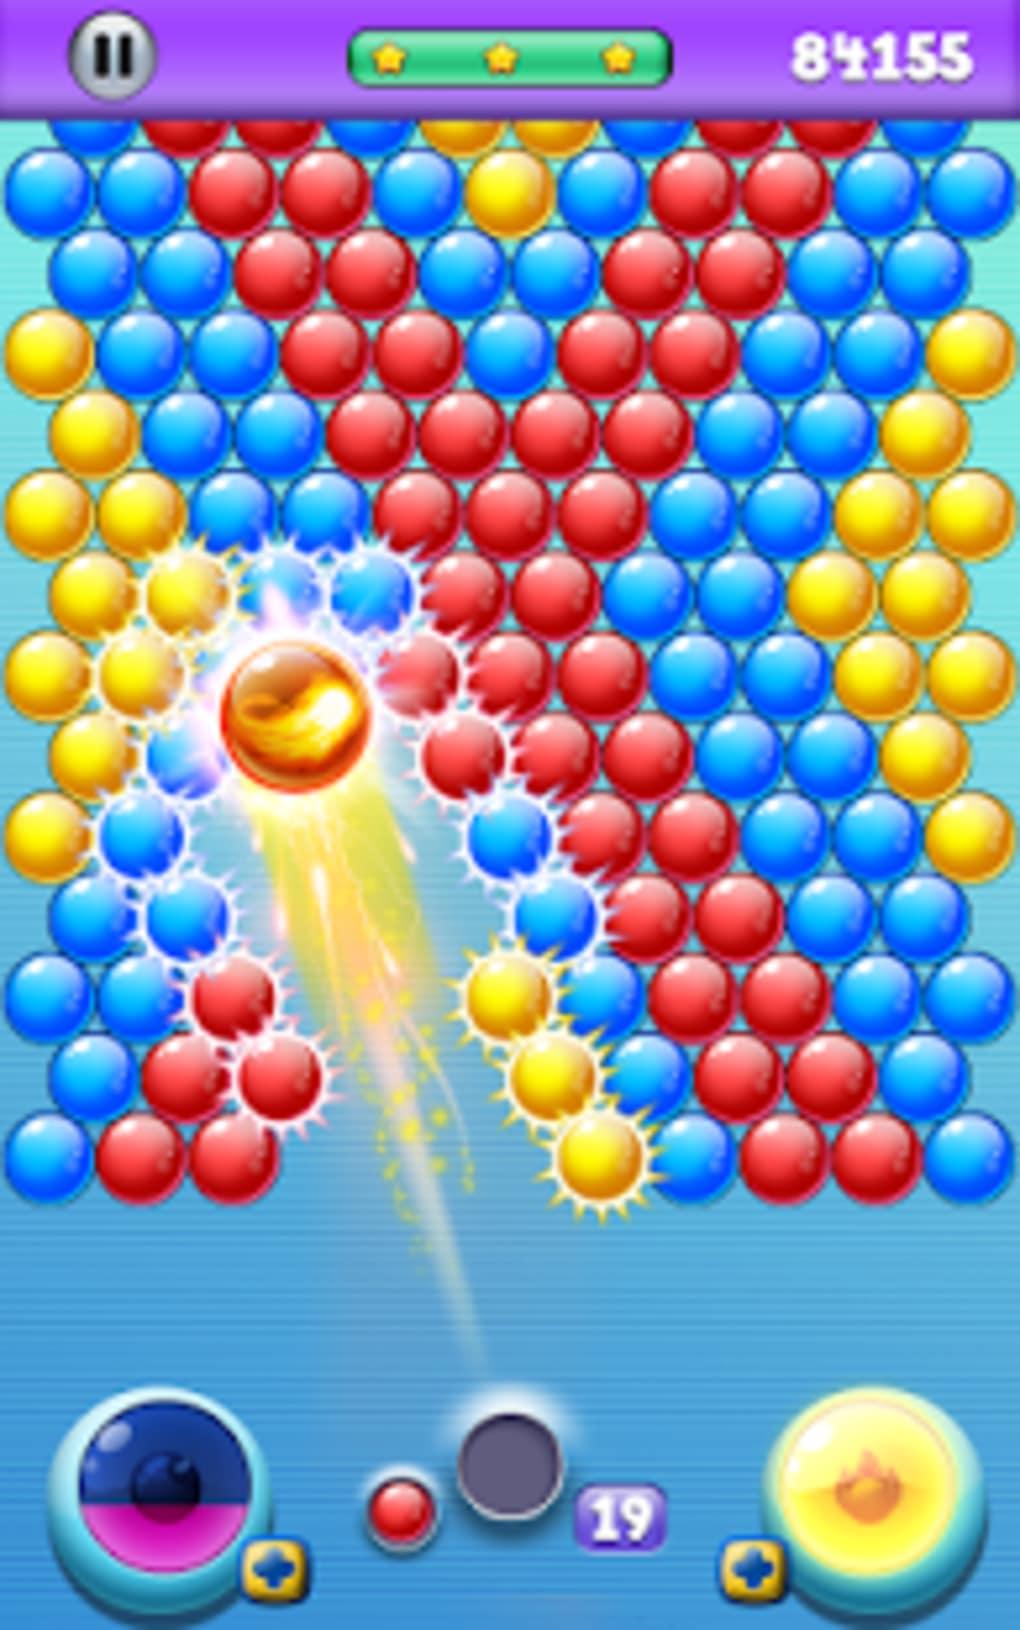 Offline Bubbles Apk Pour Android - Télécharger destiné Jeux Gratuits De Bulles